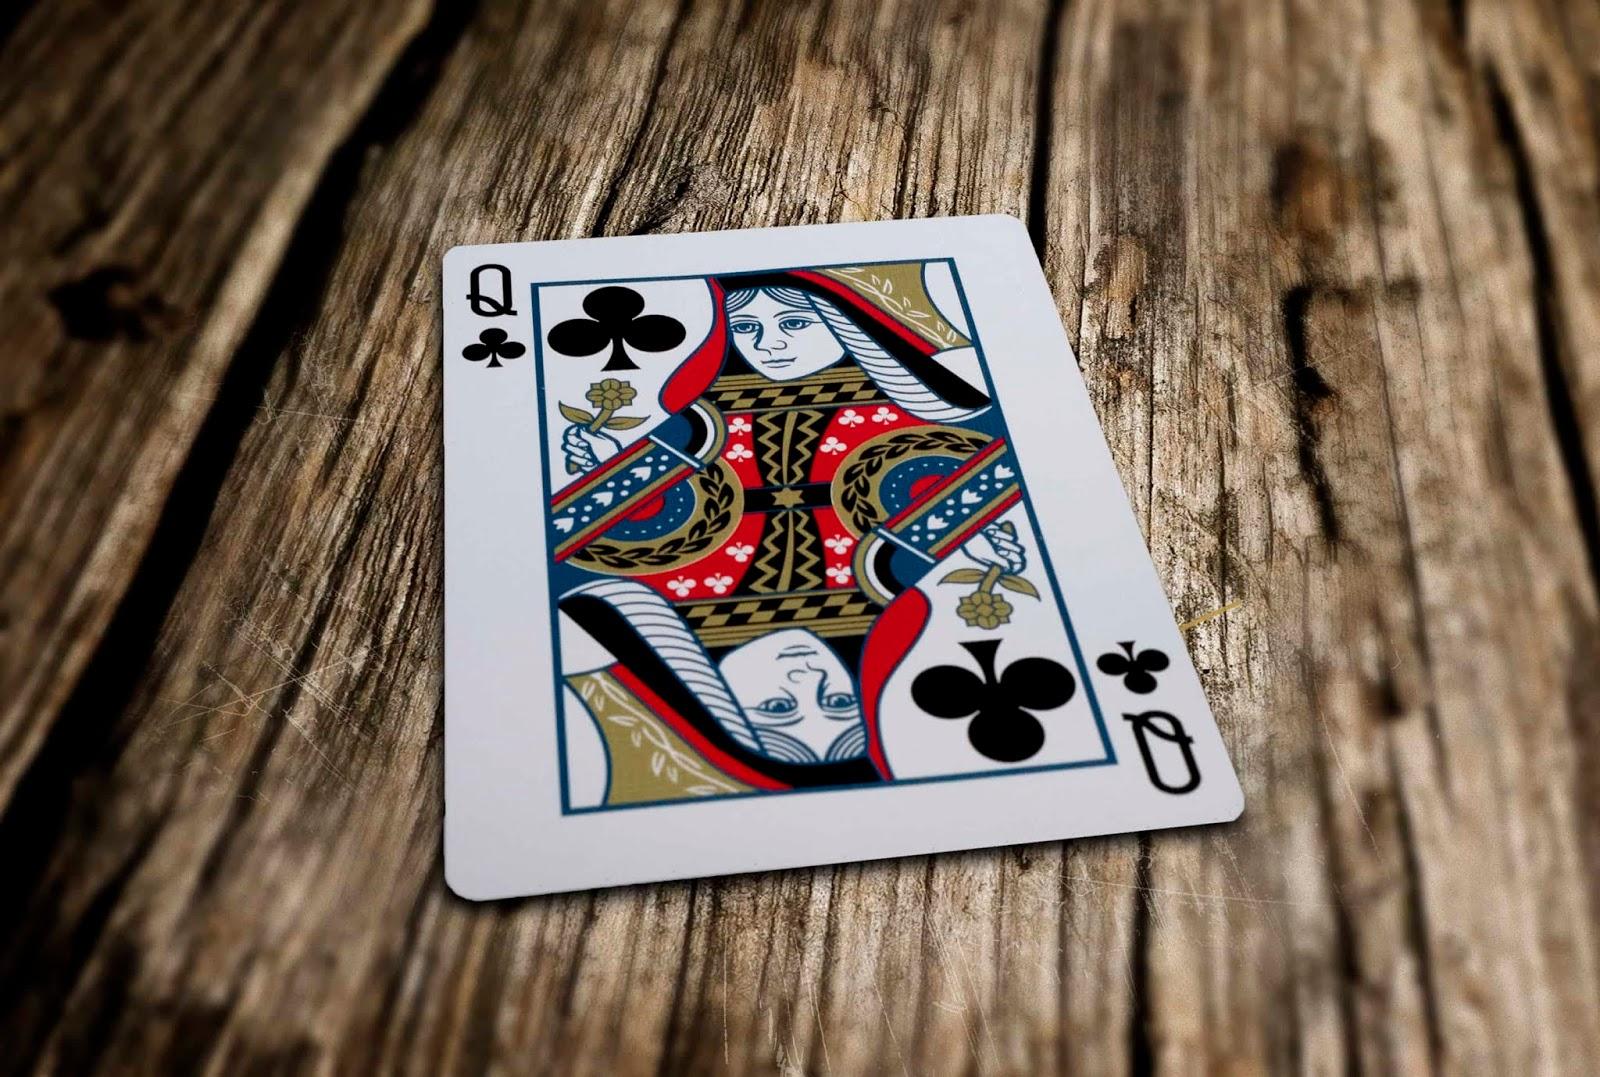 Abandoned Room Playing Cards by Dynamo - Carte Air Cushion Finish - Lassonellamanica.com, un Sito, Tutta la Magia! Giochi di Prestigio.